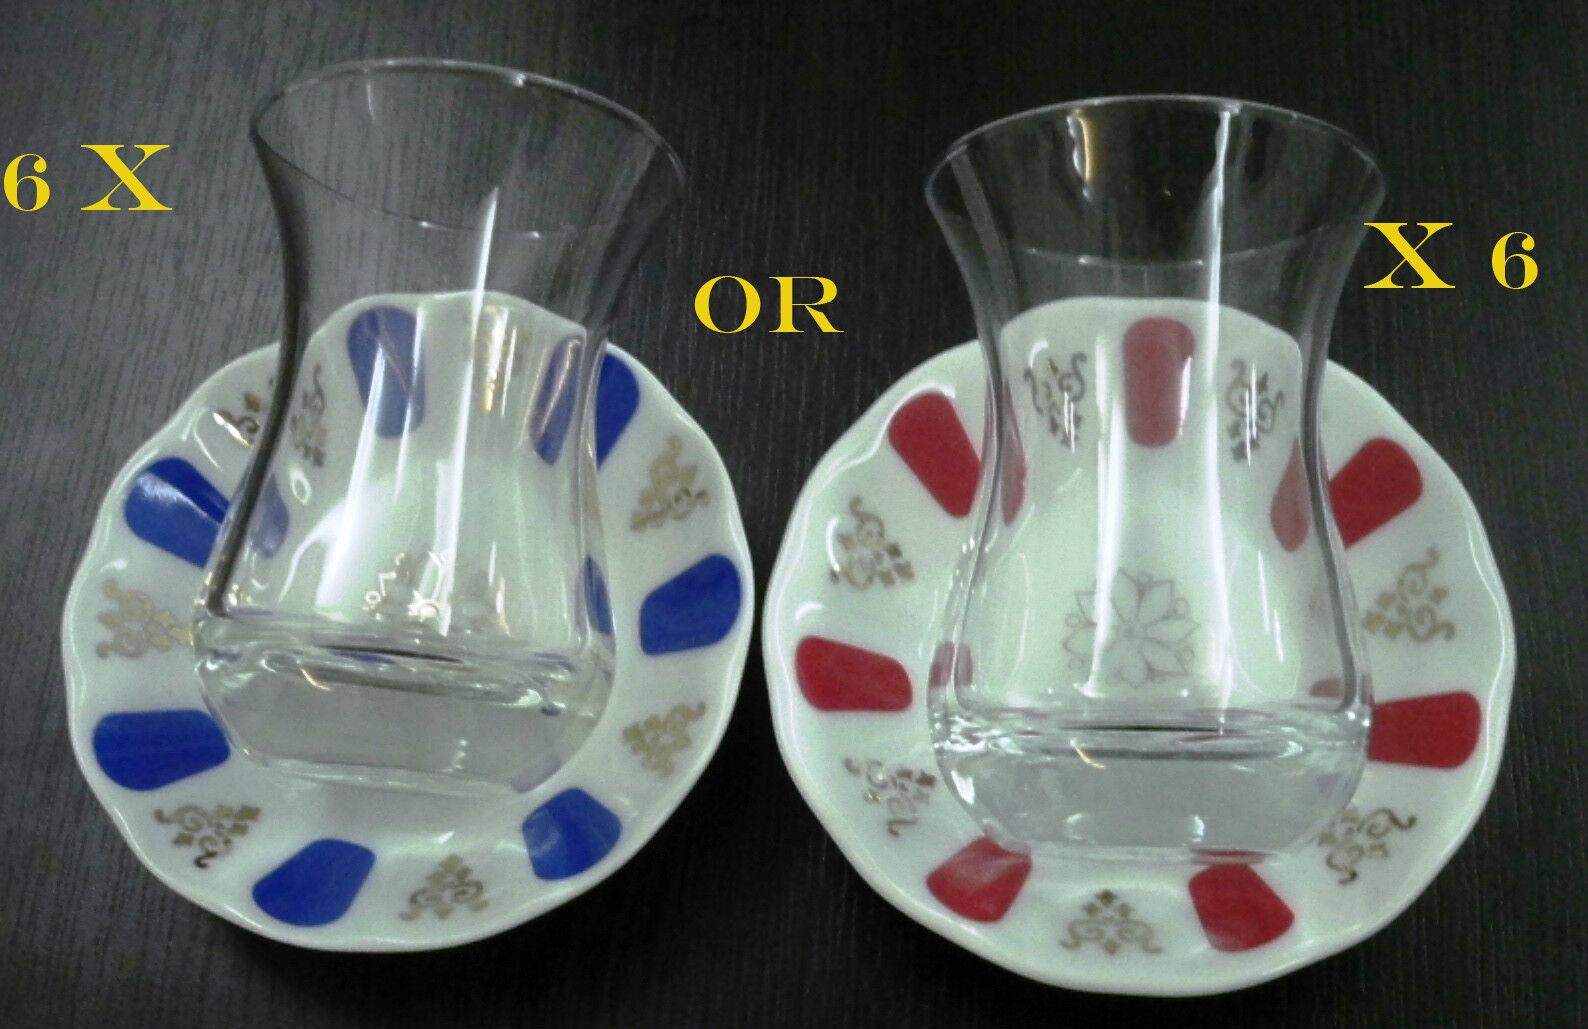 6 x Pasabahce Ince Belli Tea Cups CCGE porcelaine soucoupes turc AJDA Lunettes